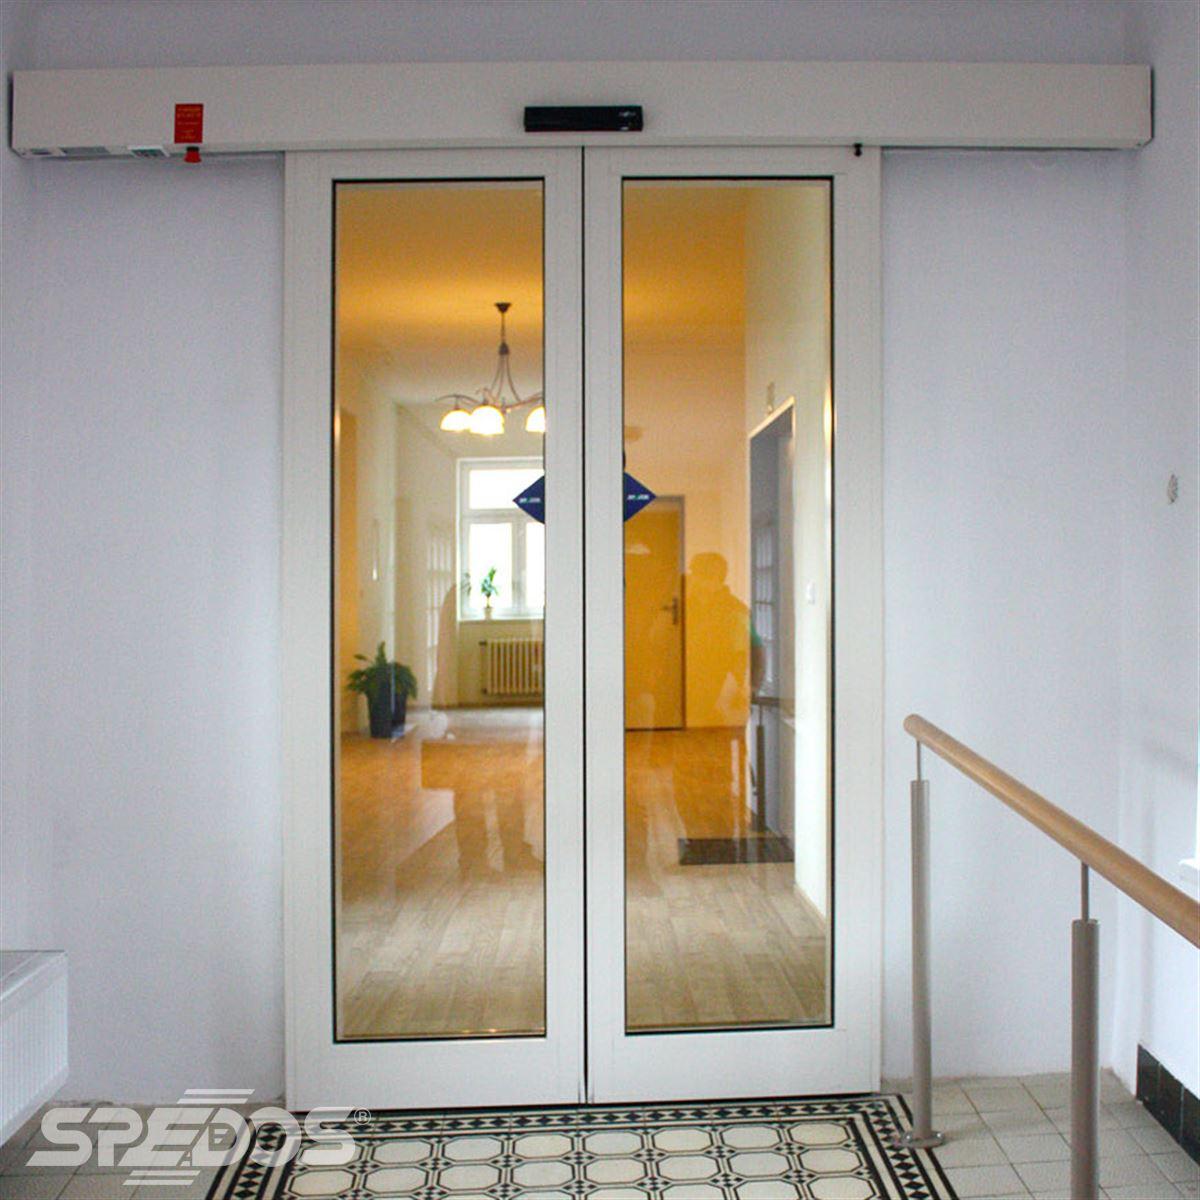 Dvoukřídlé automatické dveře zn. Spedos